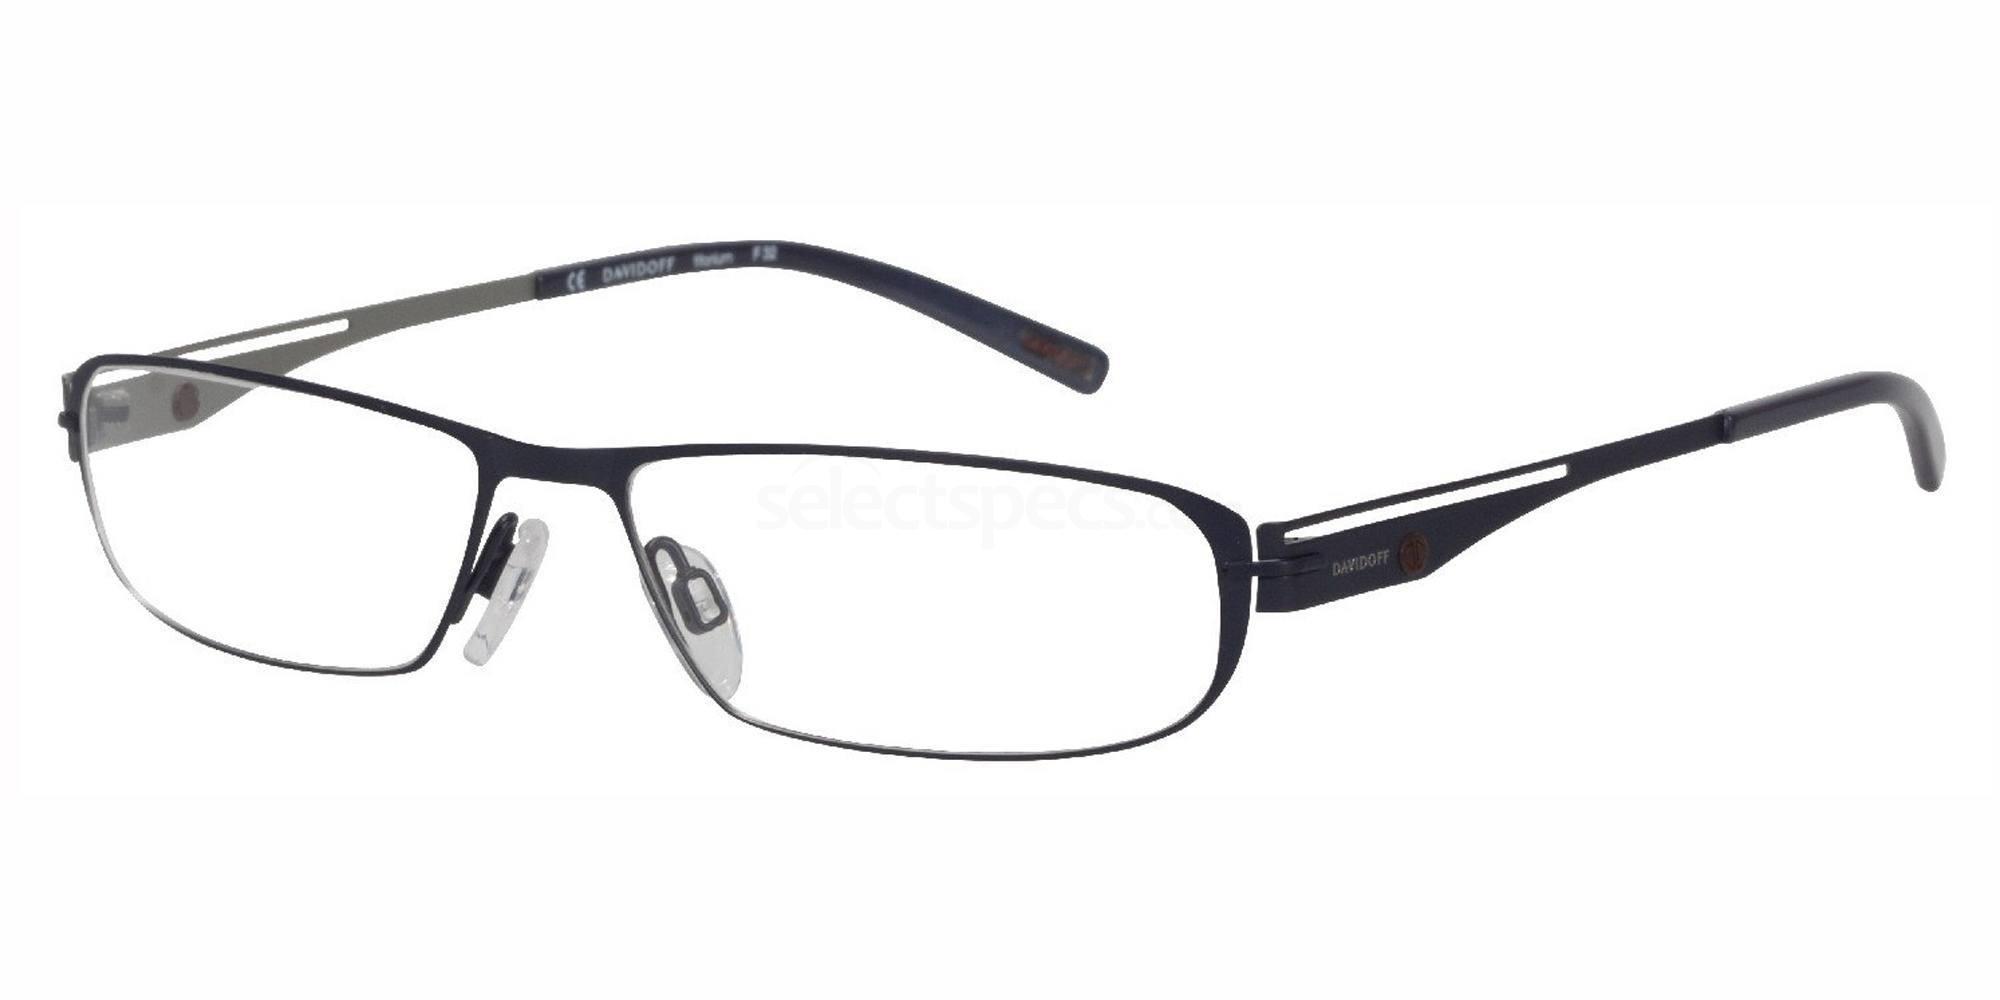 490 95081 Glasses, DAVIDOFF Eyewear